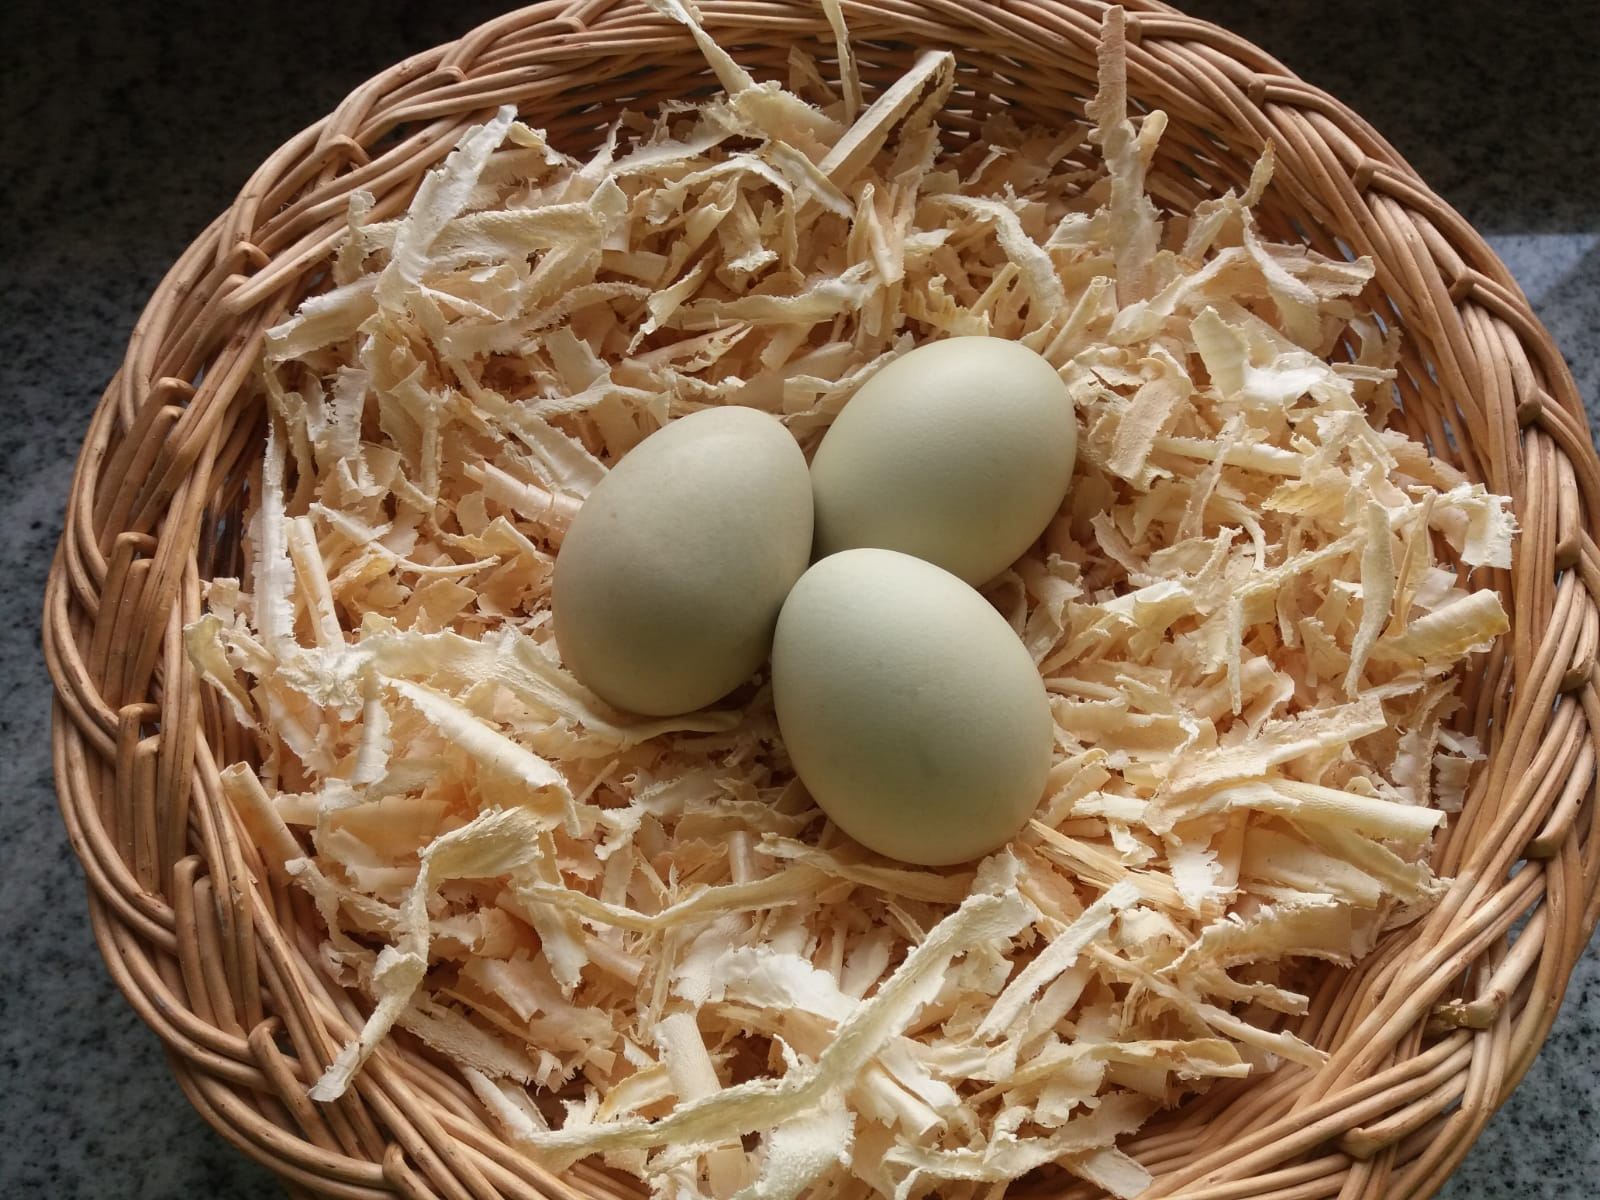 01-grne-eier-von-den-maran